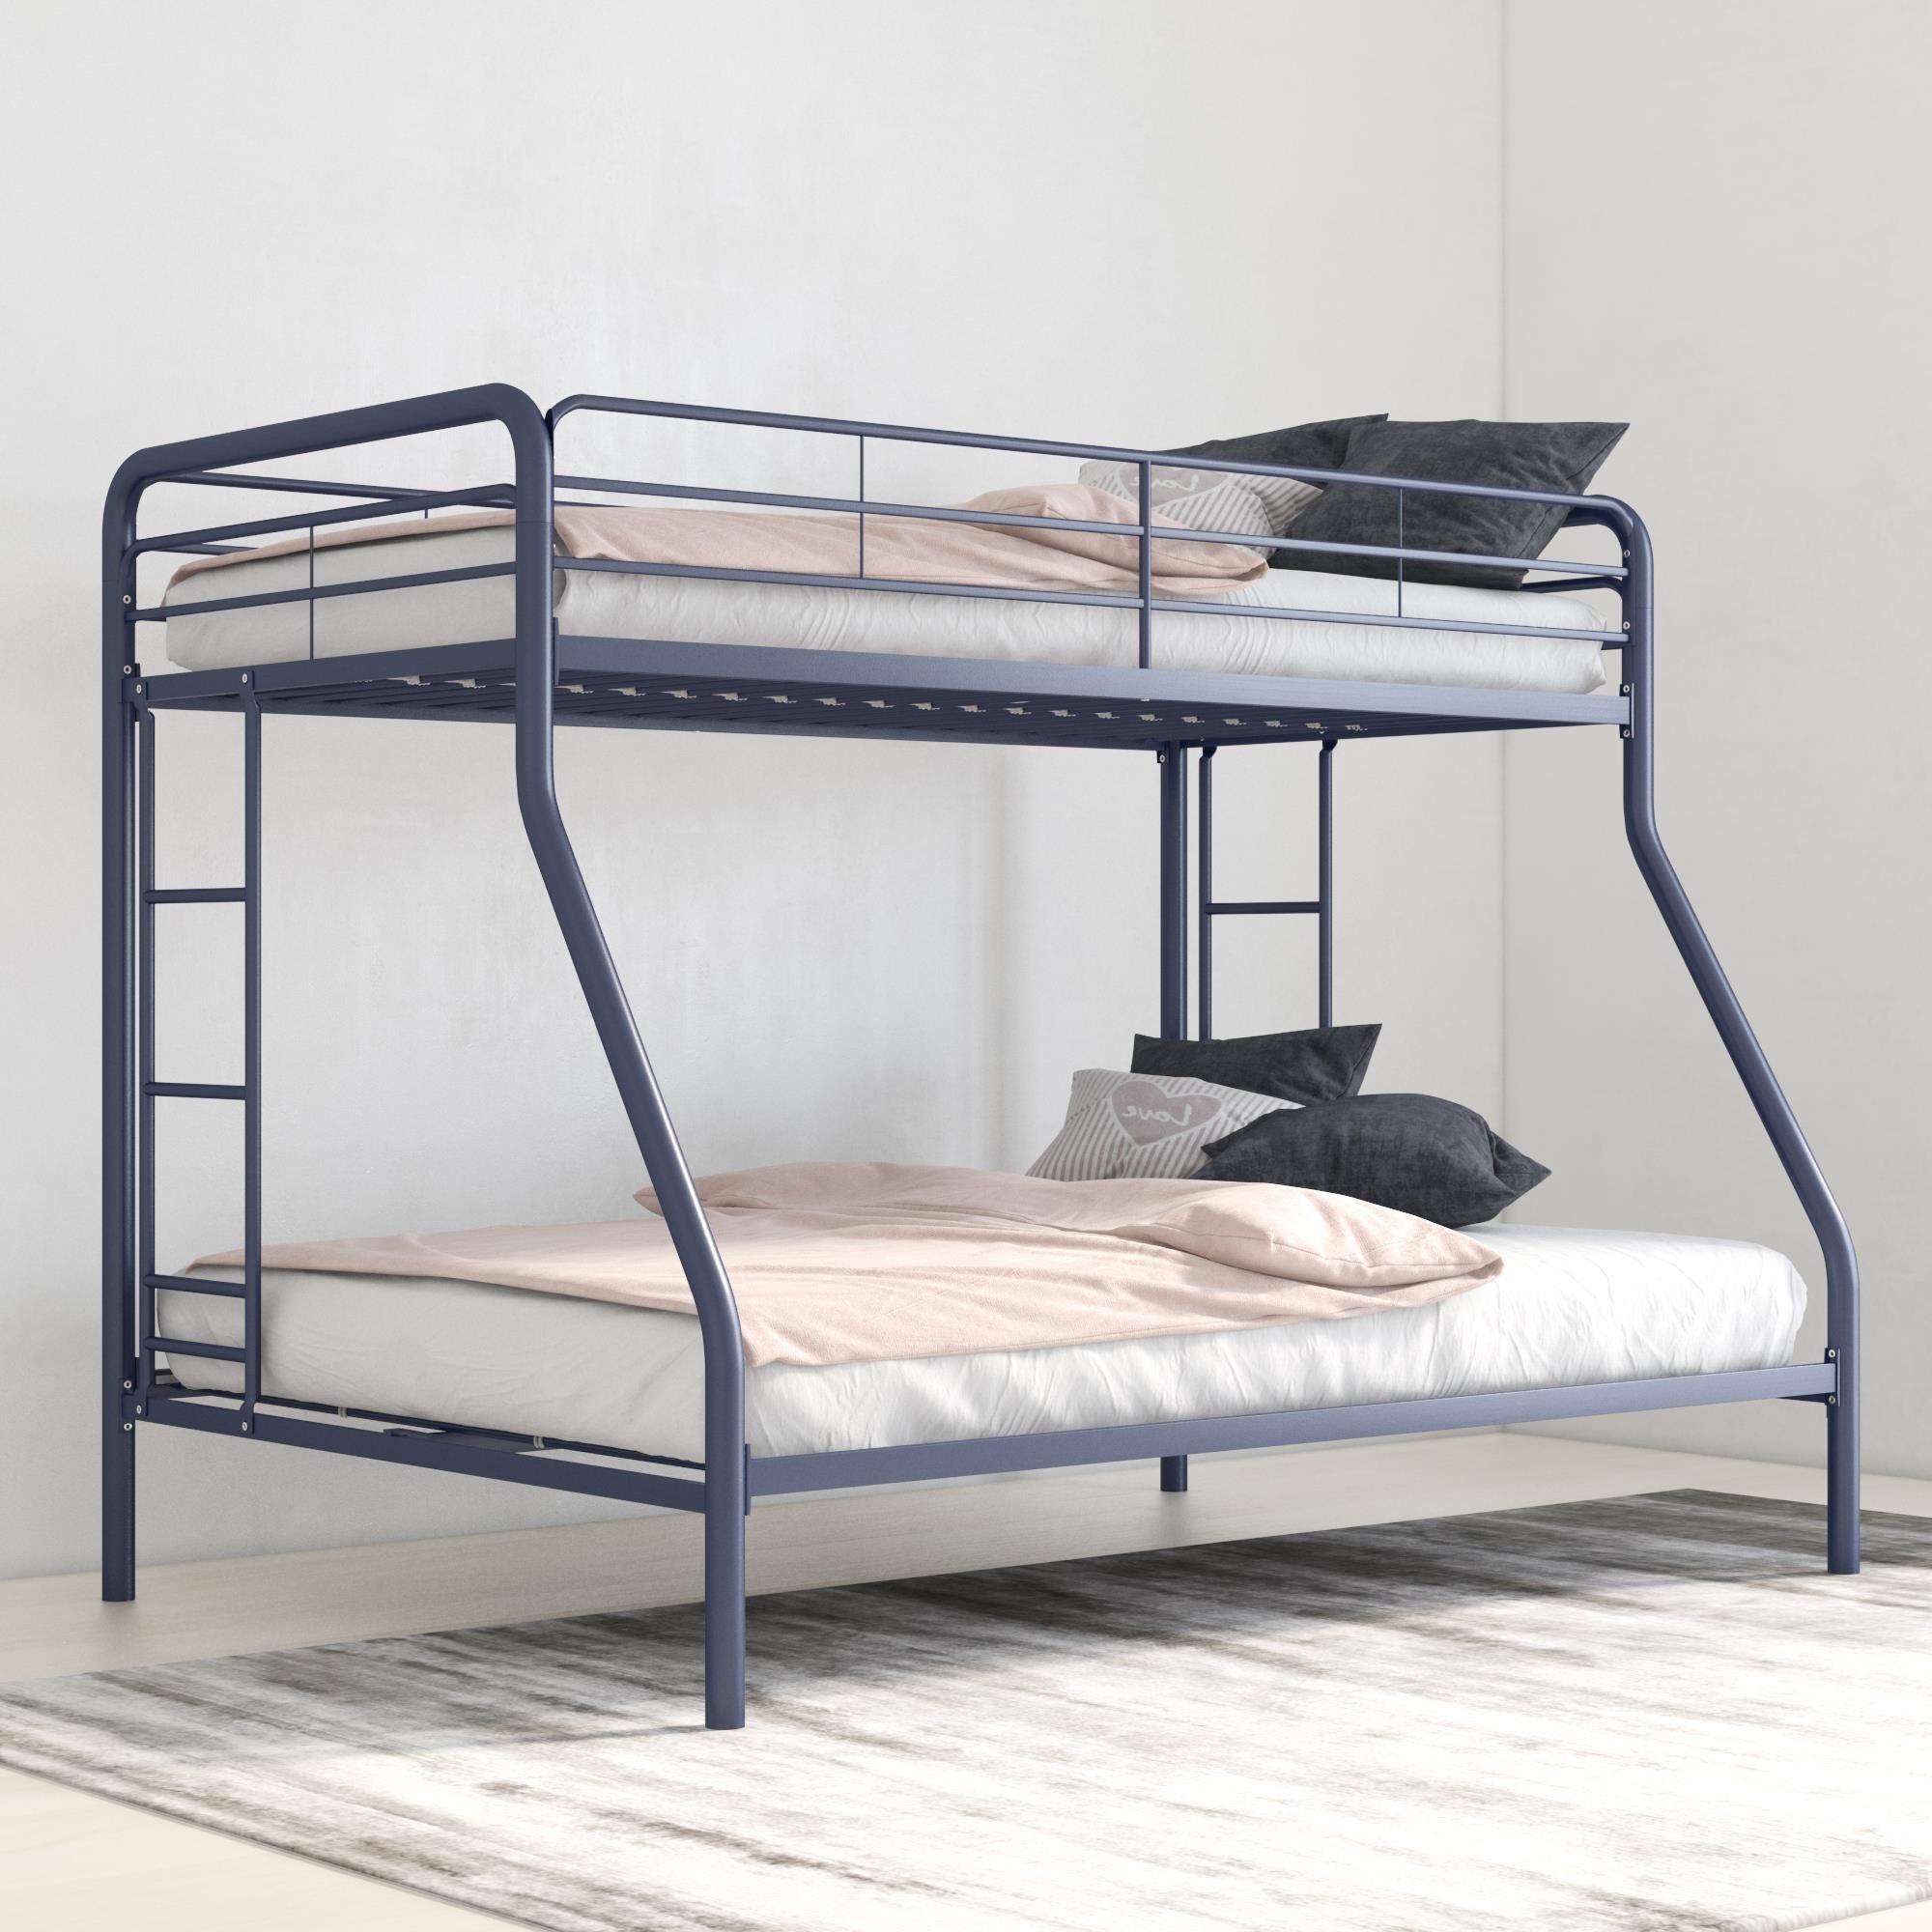 Blue metal bunk bed frame